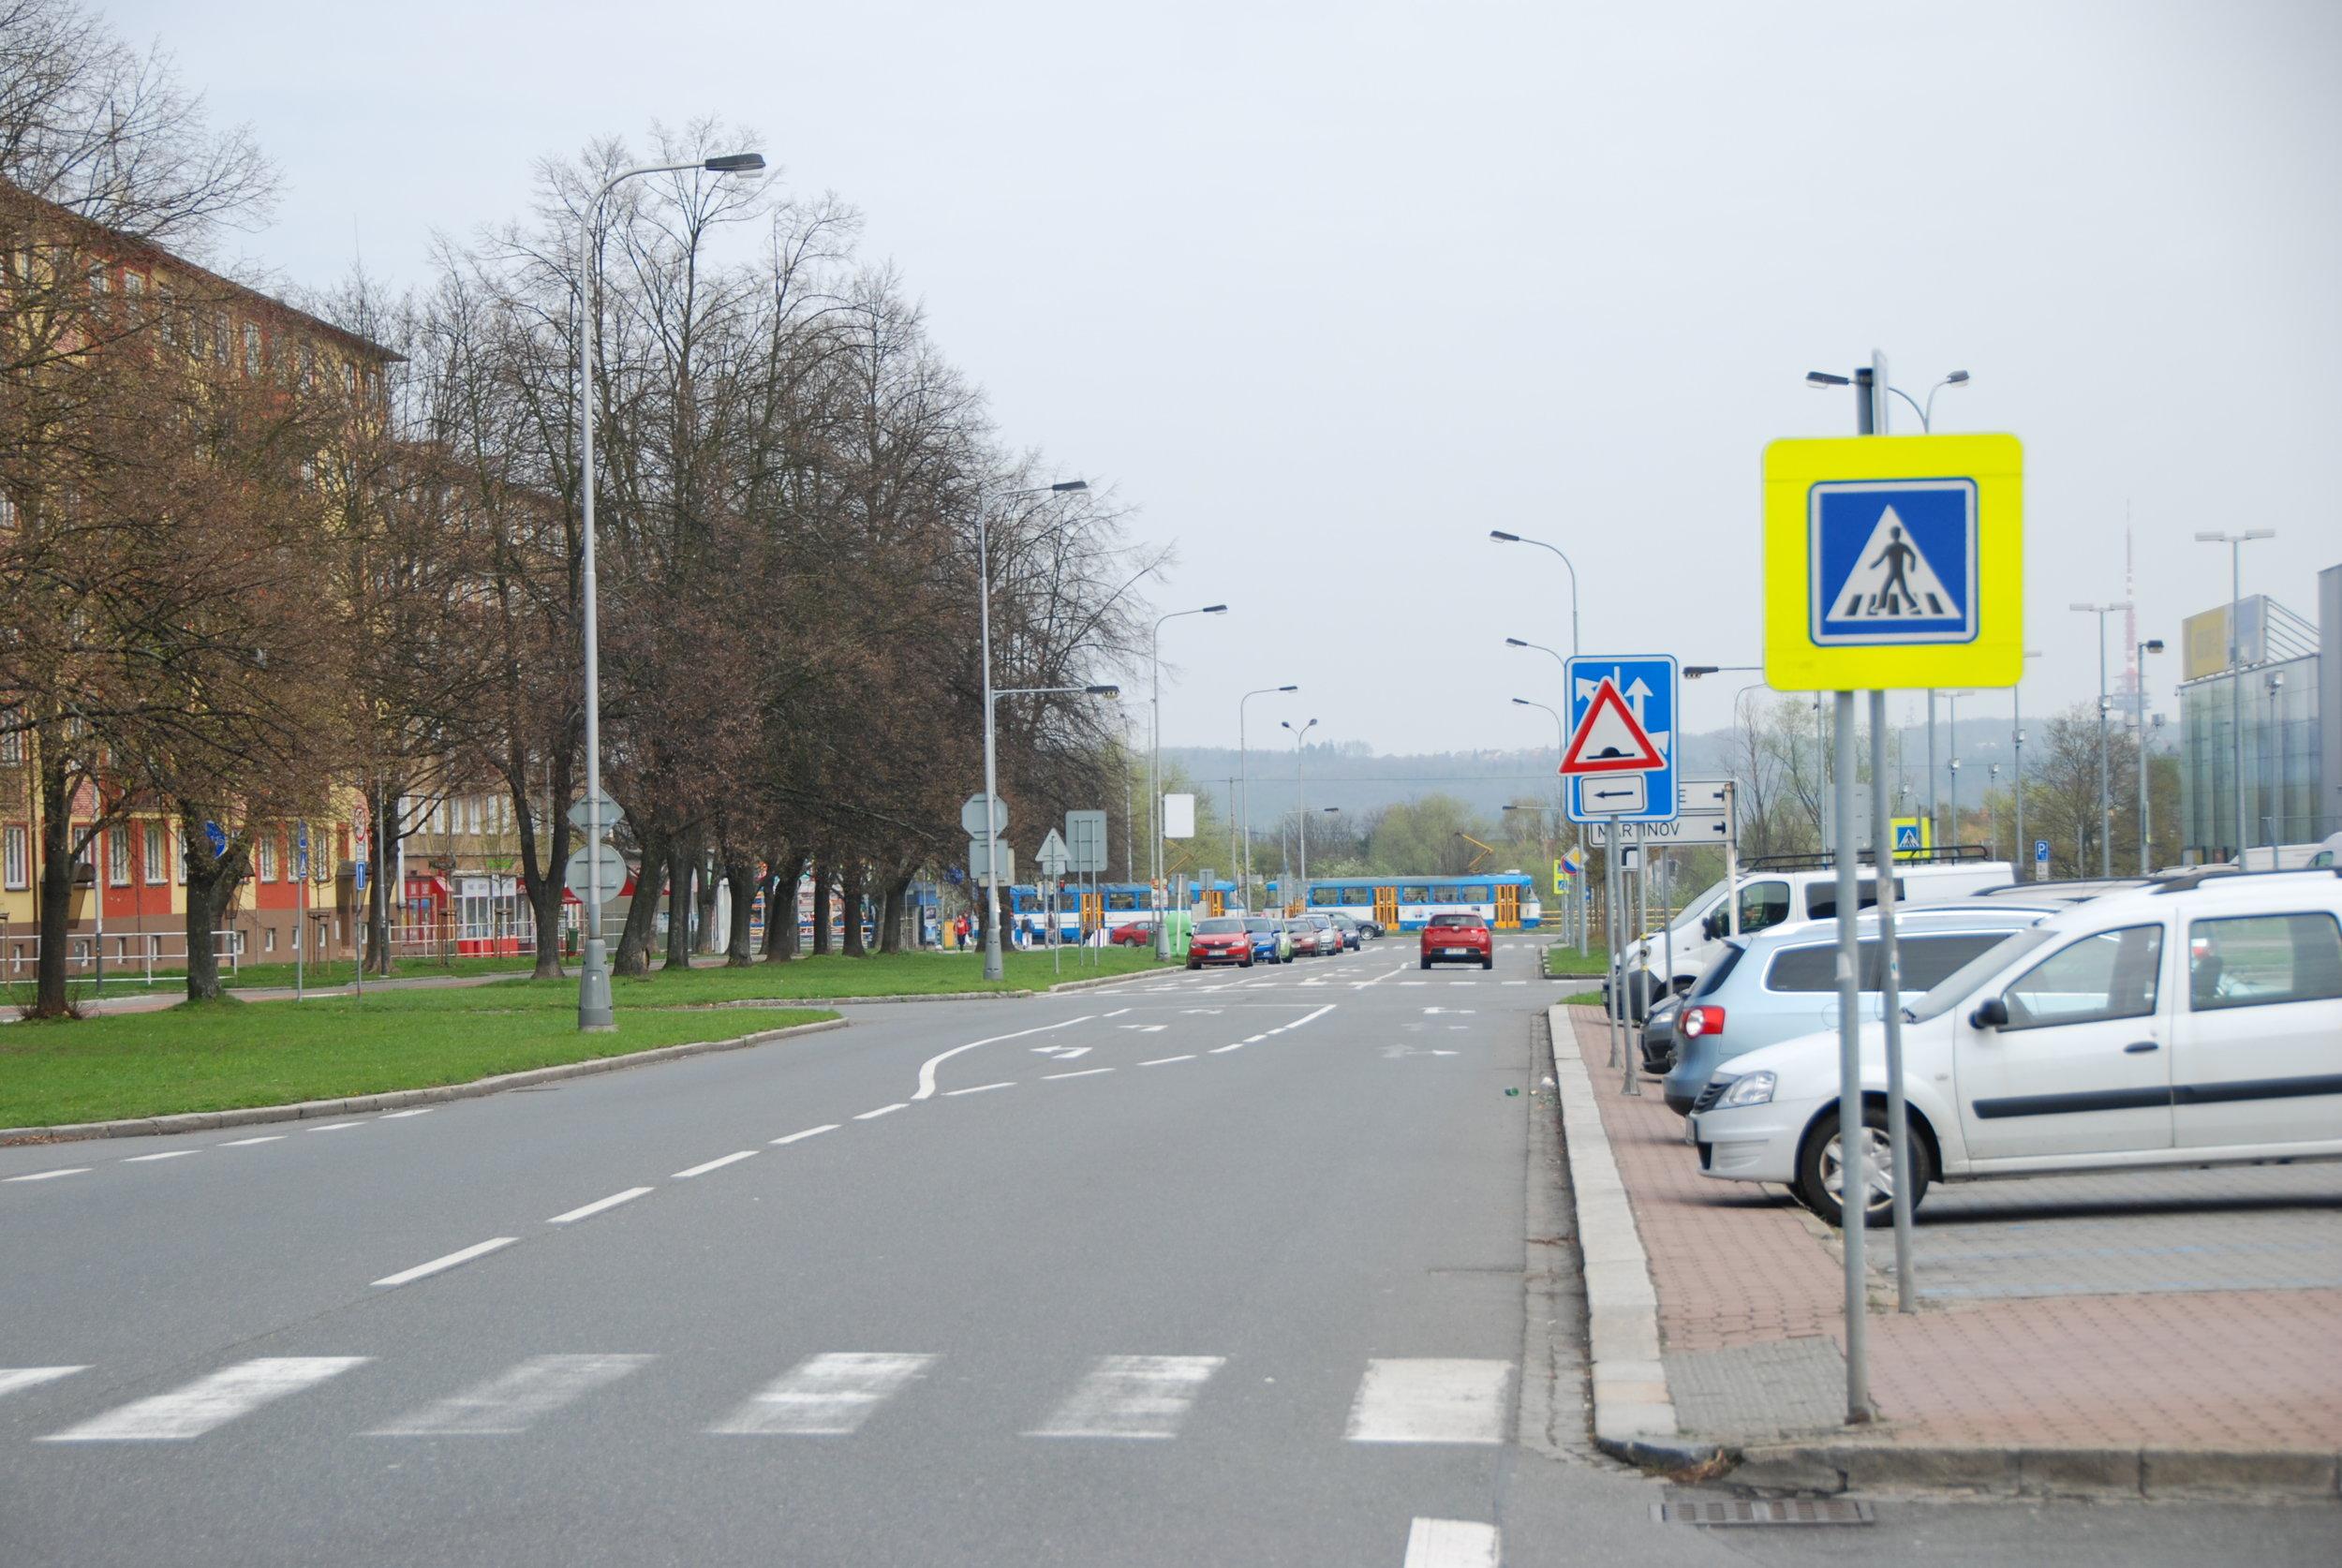 Ulice Francouzská dnes. Právě pod touto silnicí (resp. pod částí této silnice a pod širokým zeleným pásem) měla vést cca 540 m dlouhá trasa tramvajové tratě v podzemí.